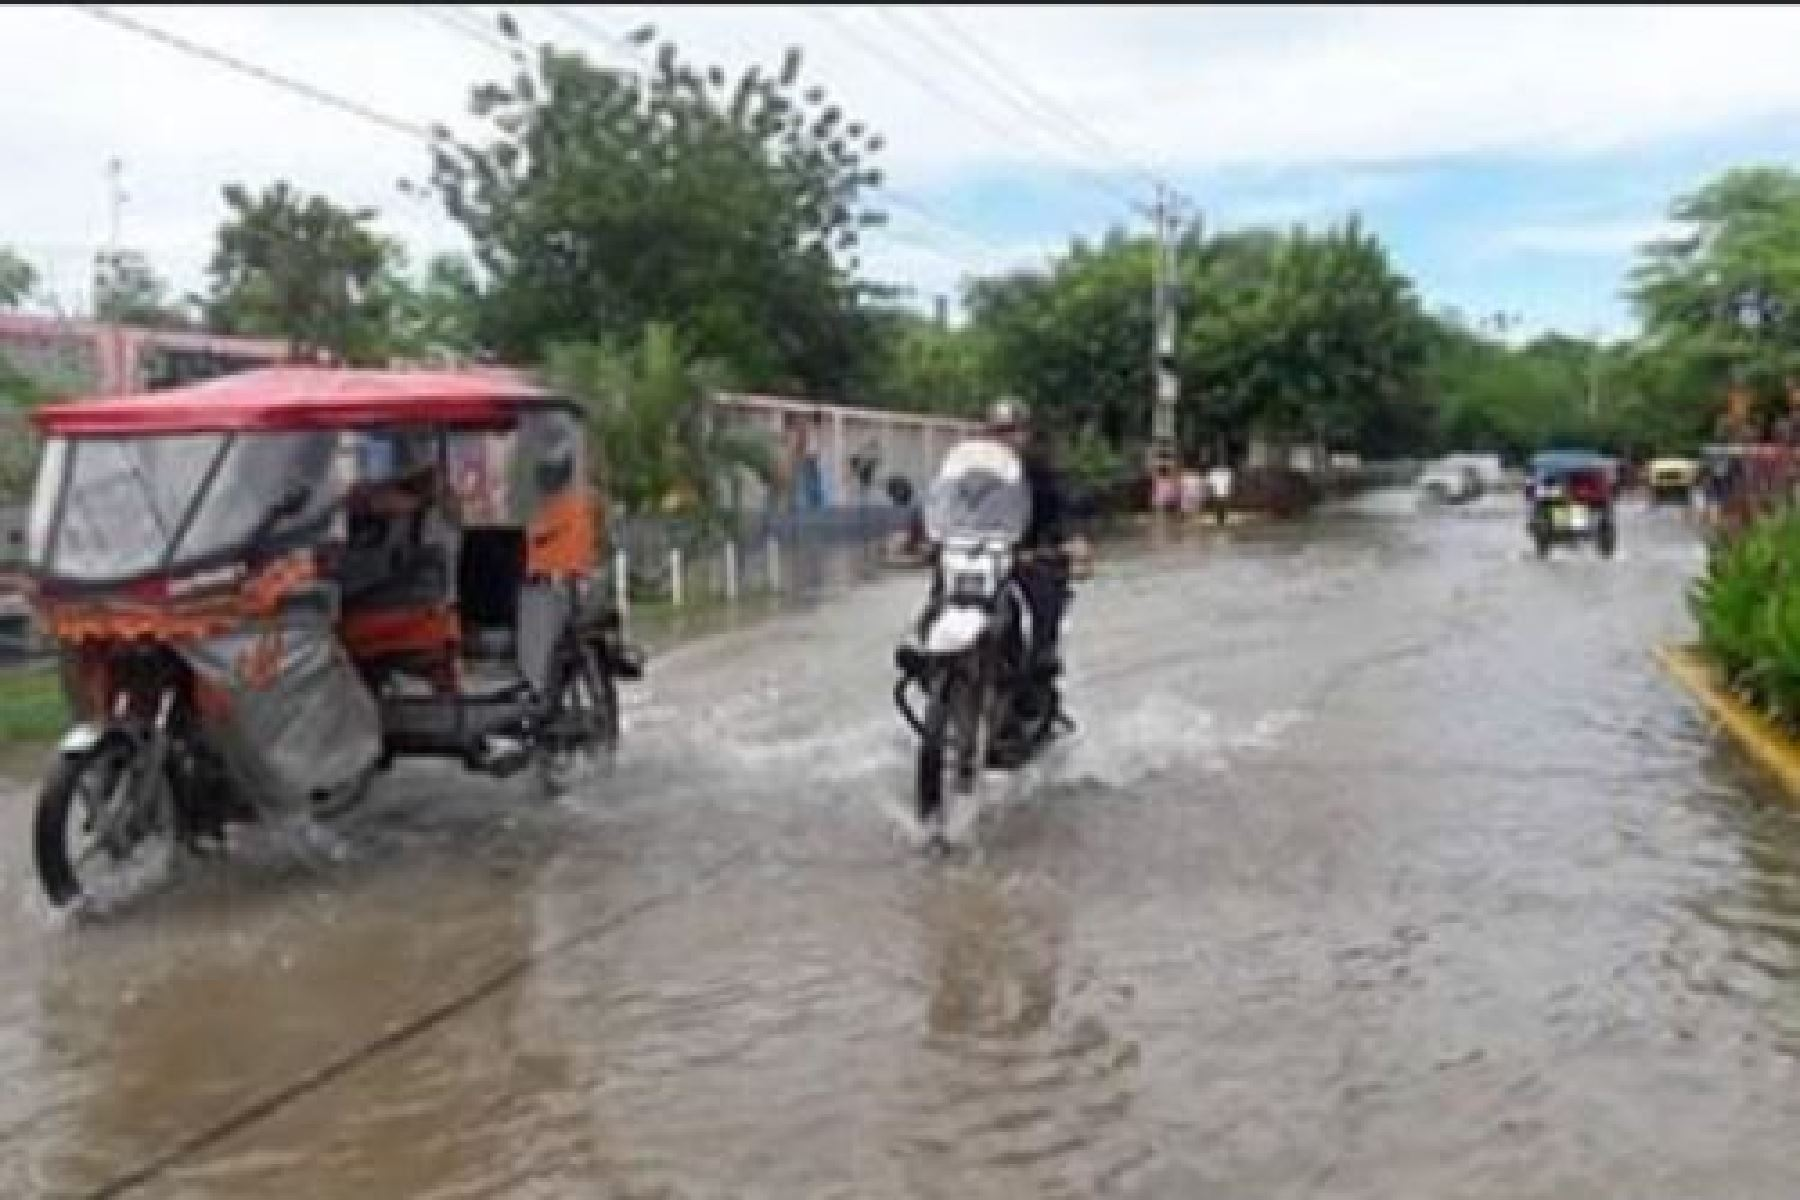 Precipitaciones pluviales afectarían a 56 provincias de la selva pertenecientes a 11 regiones. ANDINA/Difusión